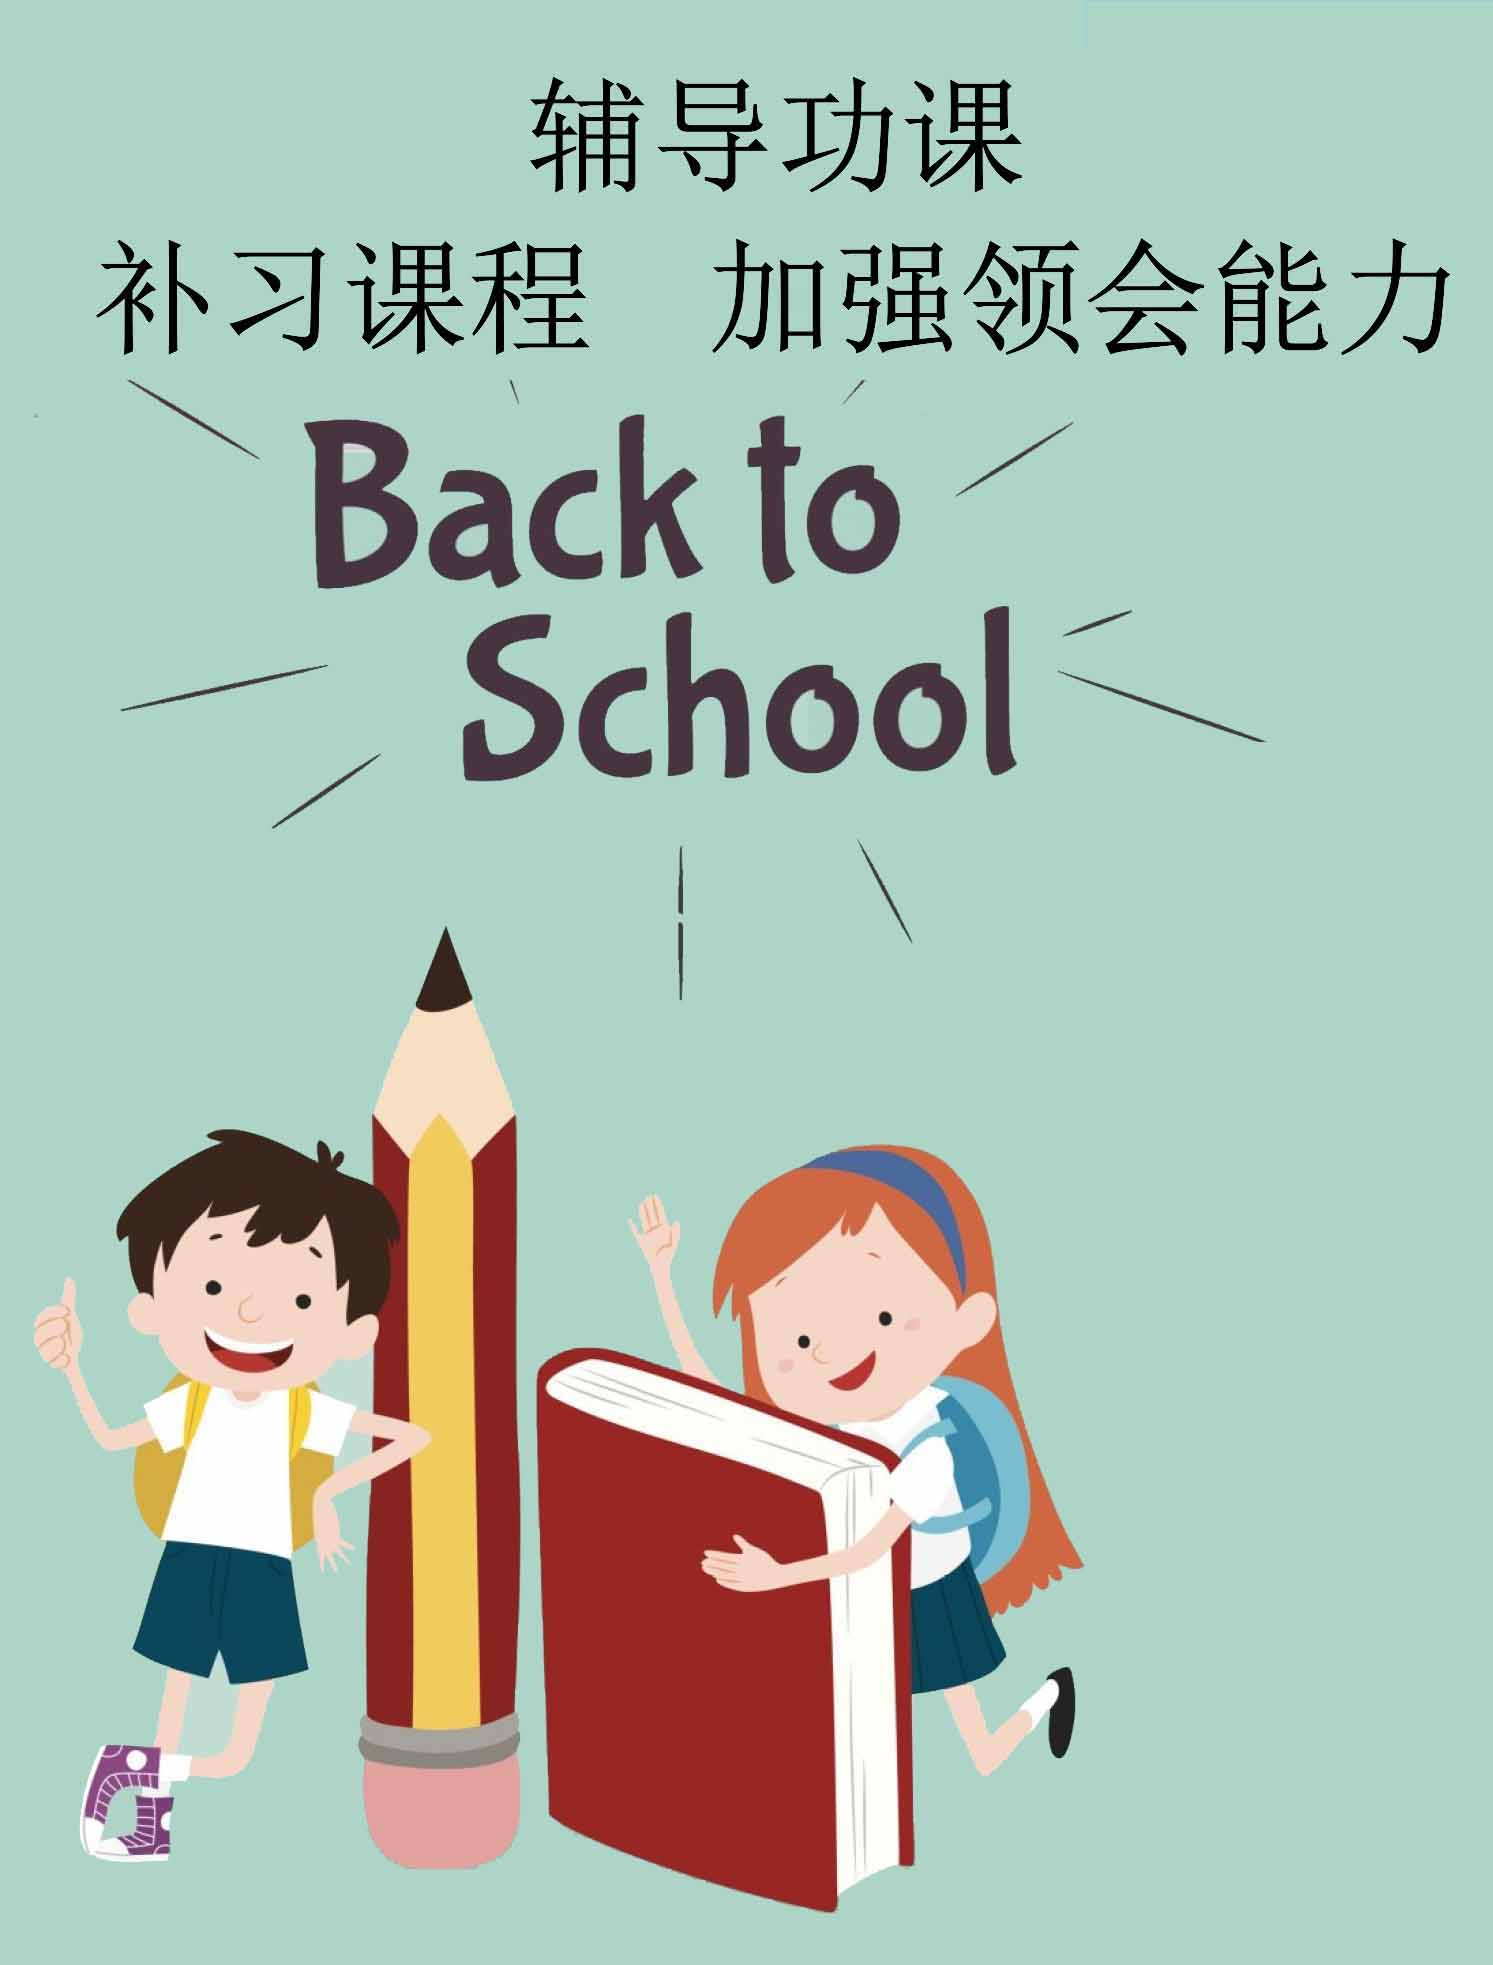 辅导功课 补习课程    加强领会能力  小学     中学